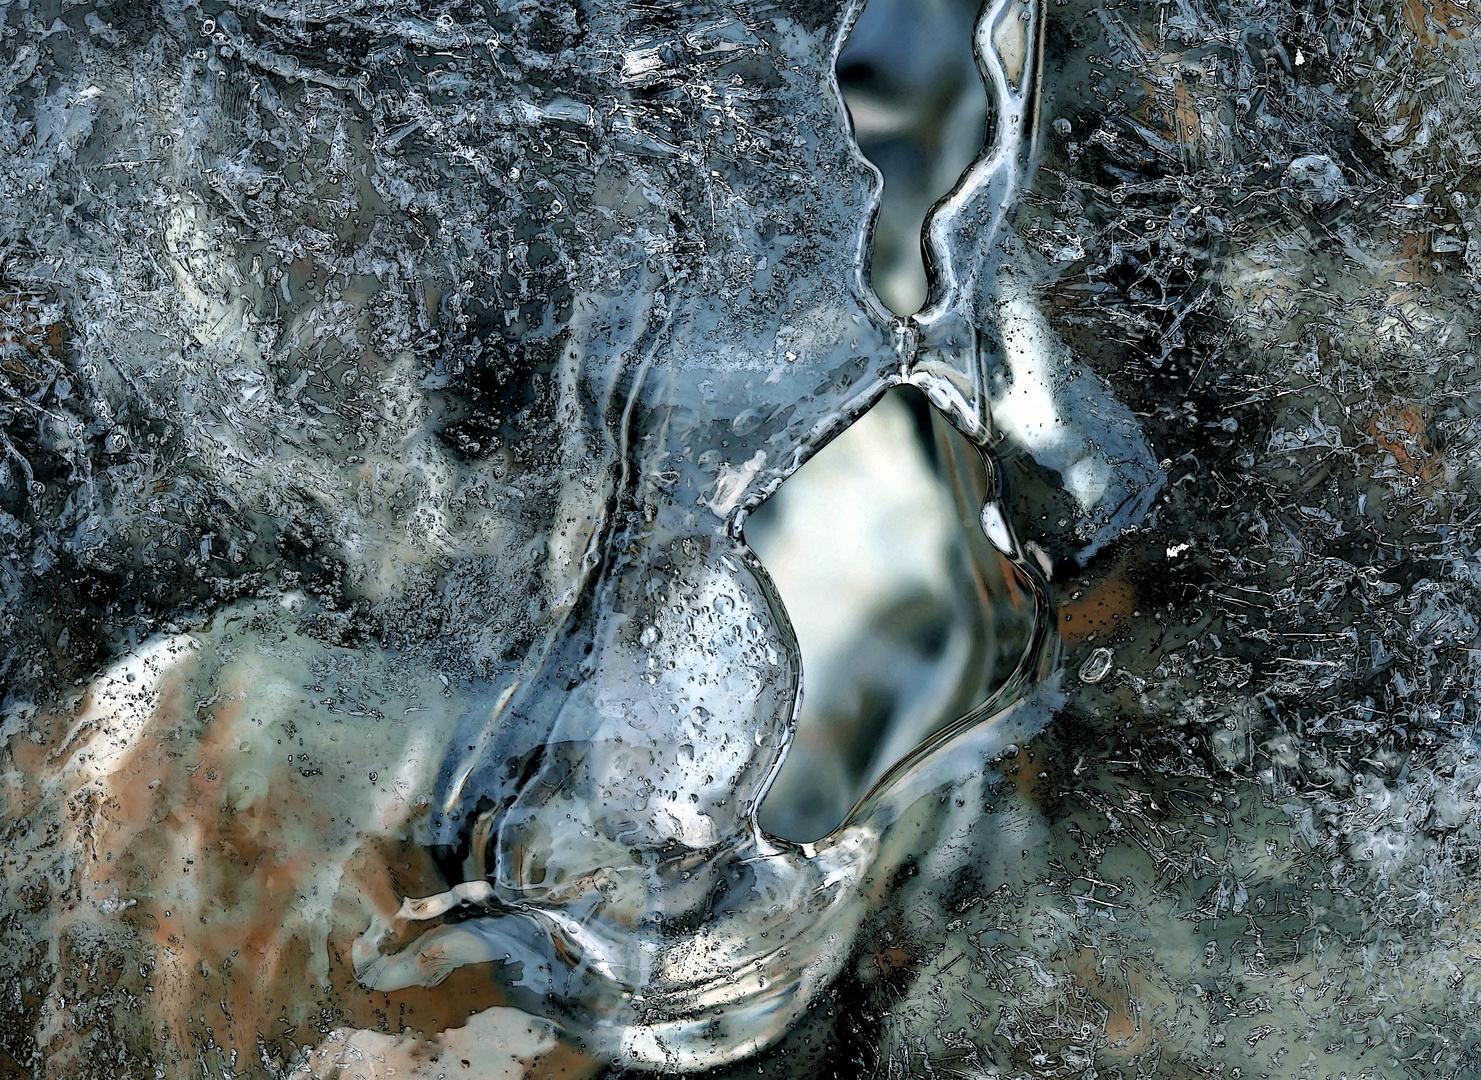 Bilder, die uns berühren!  - L'eau, la glace et l'air parlent à notre âme!